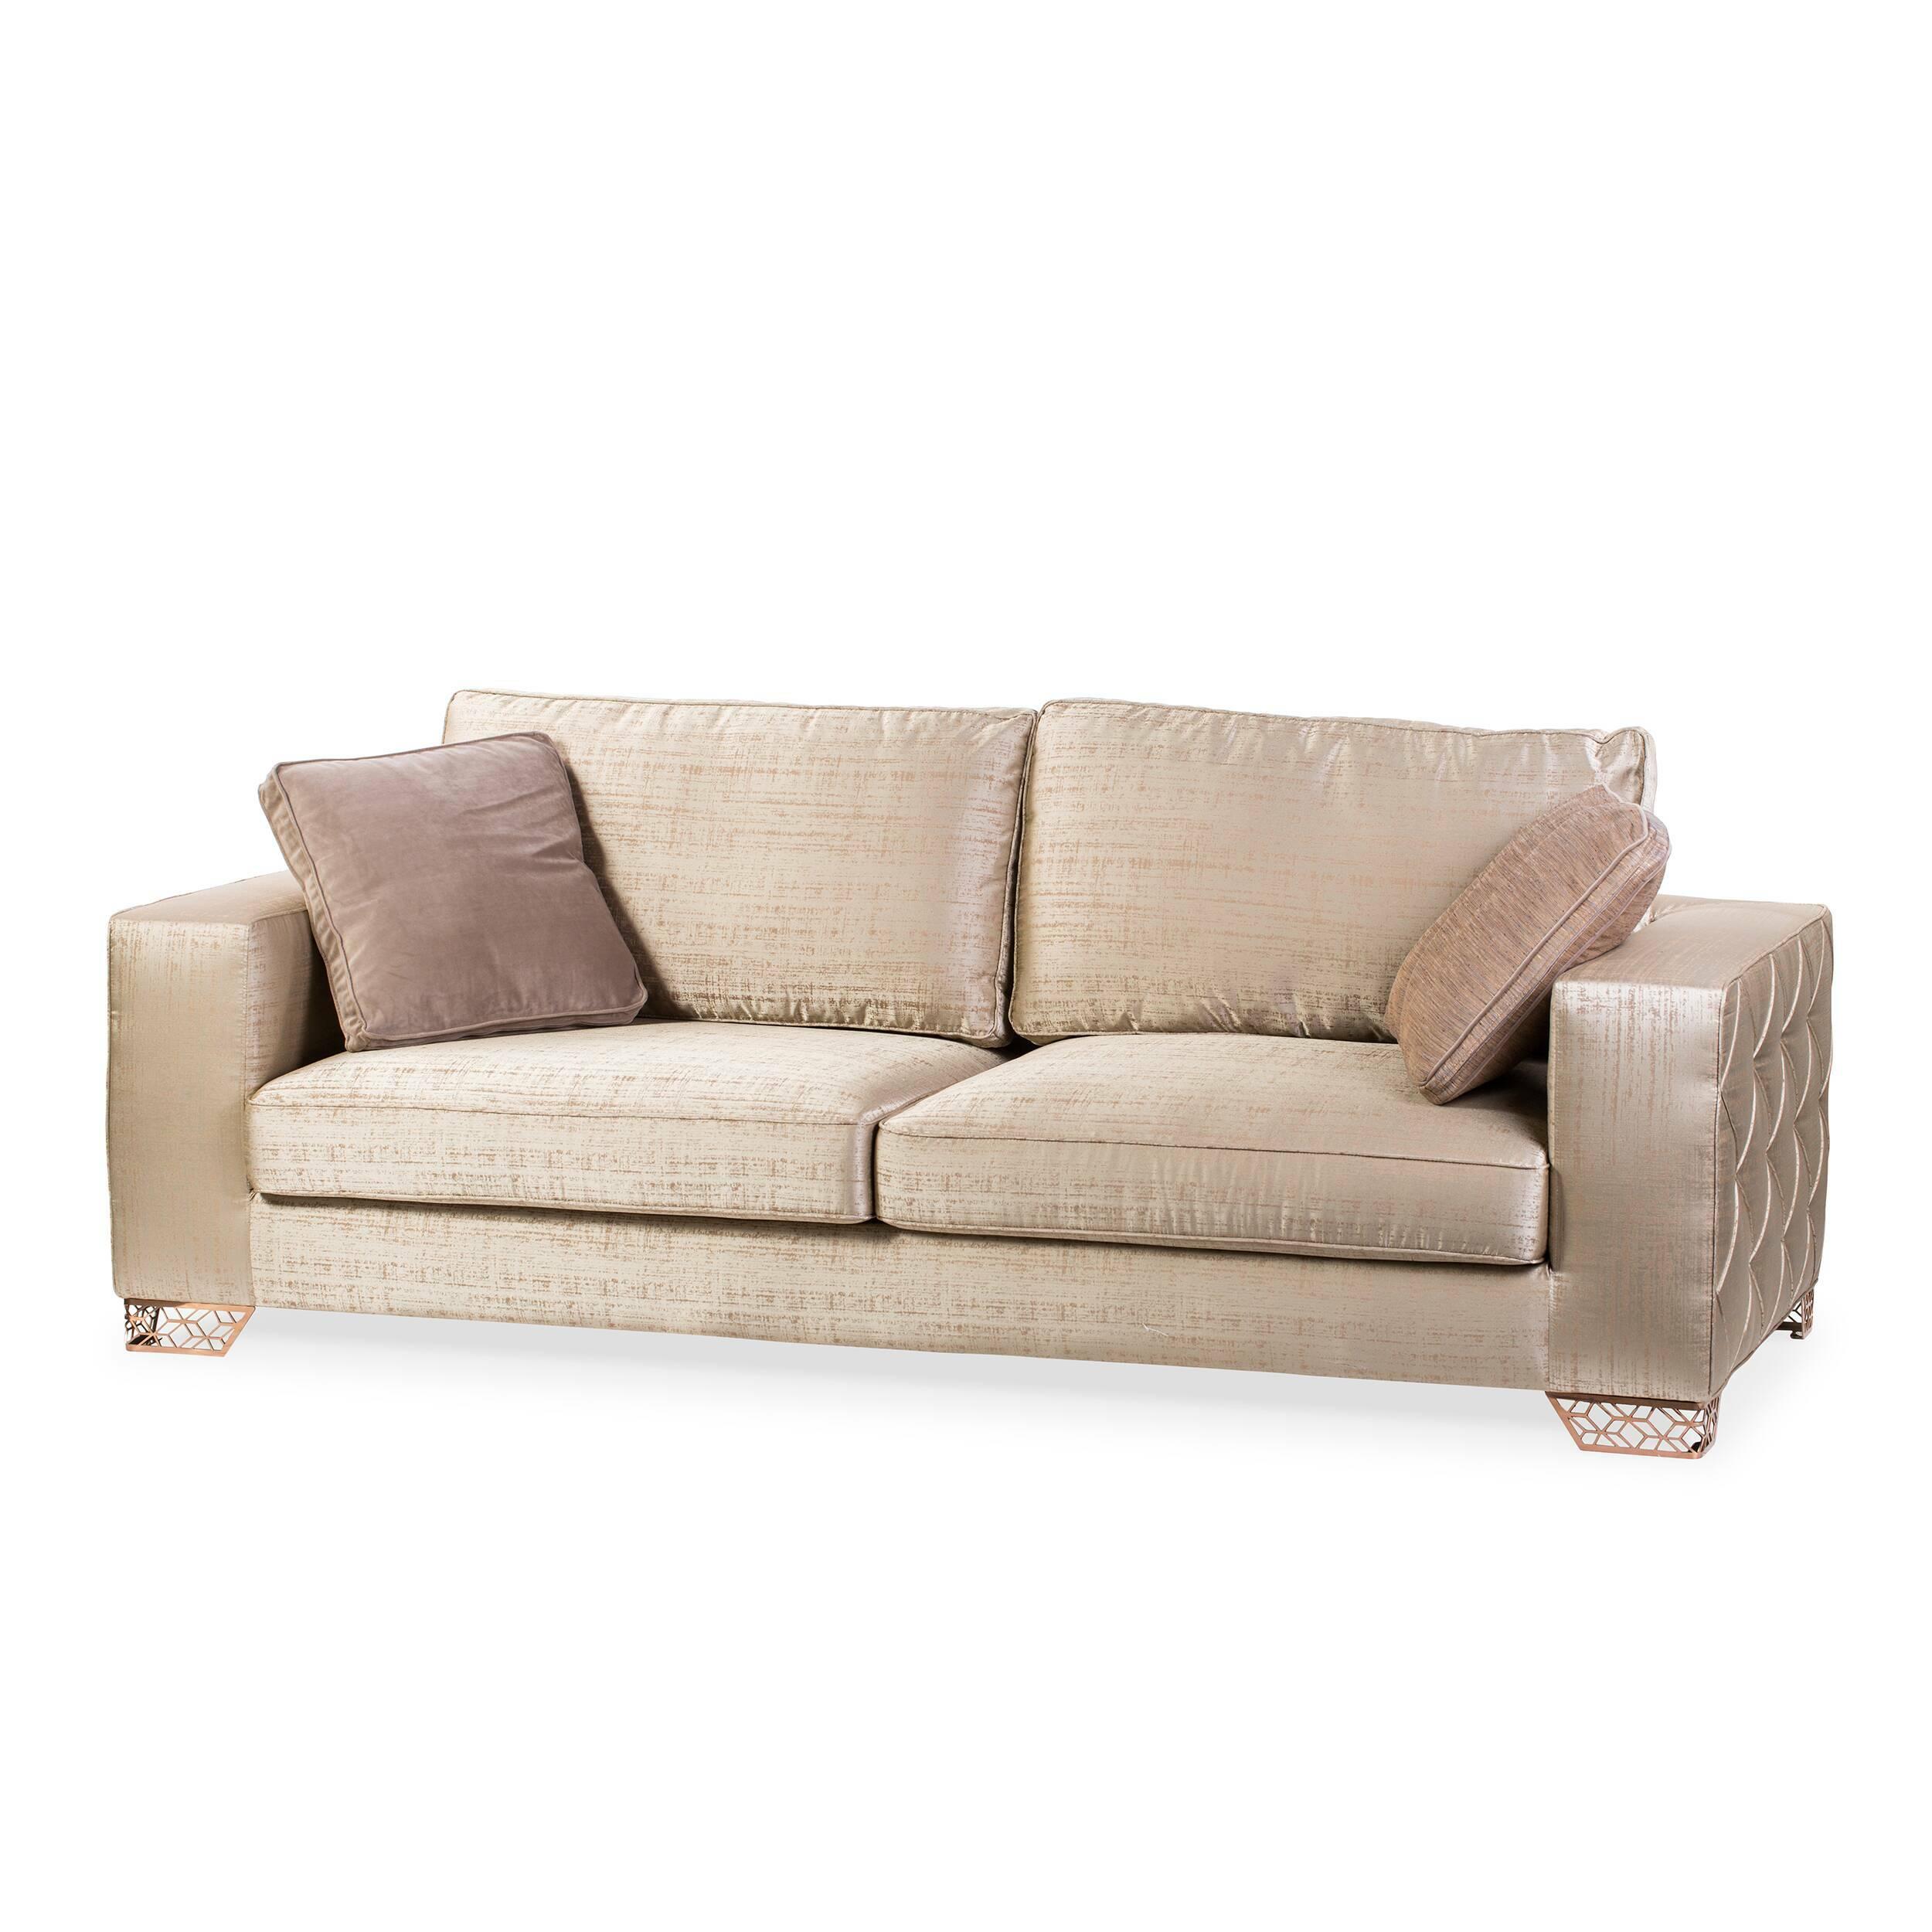 Диван ApolloТрехместные<br>Дизайнерский темно-бежевый диван Apollo (Аполло) с наполнителем из пены на стальных ножках от Cosmo (Космо).Бархат — сложный в производстве материал, что полностью оправдывается его красотой. Этот материал обладает едва уловимым блеском и переливается под лучами источника света. Этот эффект еще более впечатляющий, когда есть дополнительный декоративный элемент, такой как каретная стяжка. Это оригинальный способ объемной обивки при помощи пуговиц, утопленных в мягкую поверхность. <br> <br> Оригина...<br><br>stock: 2<br>Высота: 92<br>Высота сиденья: 37<br>Глубина: 106<br>Длина: 240<br>Цвет ножек: Розовый хромированный<br>Наполнитель: Пена<br>Тип материала обивки: Ткань<br>Тип материала ножек: Сталь нержавеющая<br>Цвет обивки: Тёмно-бежевый